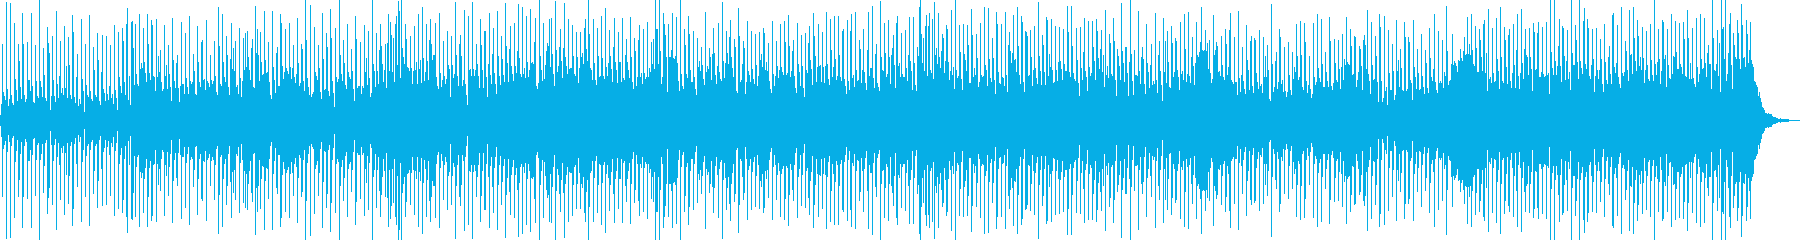 爽やかな夏のラテンぽいジャズファンクの再生済みの波形